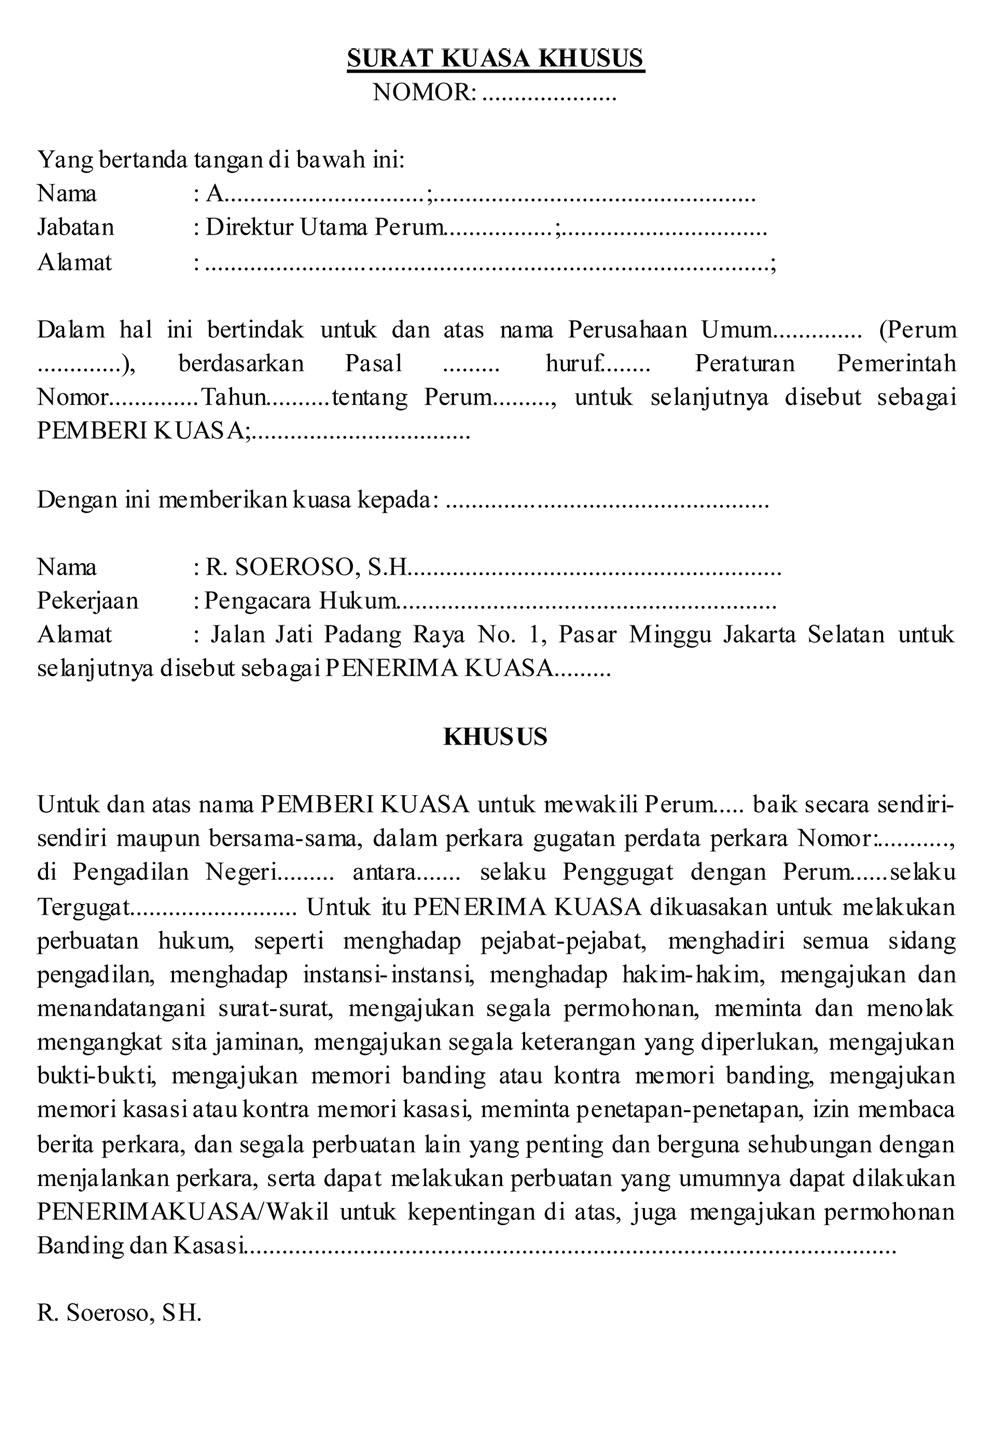 surat kuasa khusus dalam perkara gugatan perdata